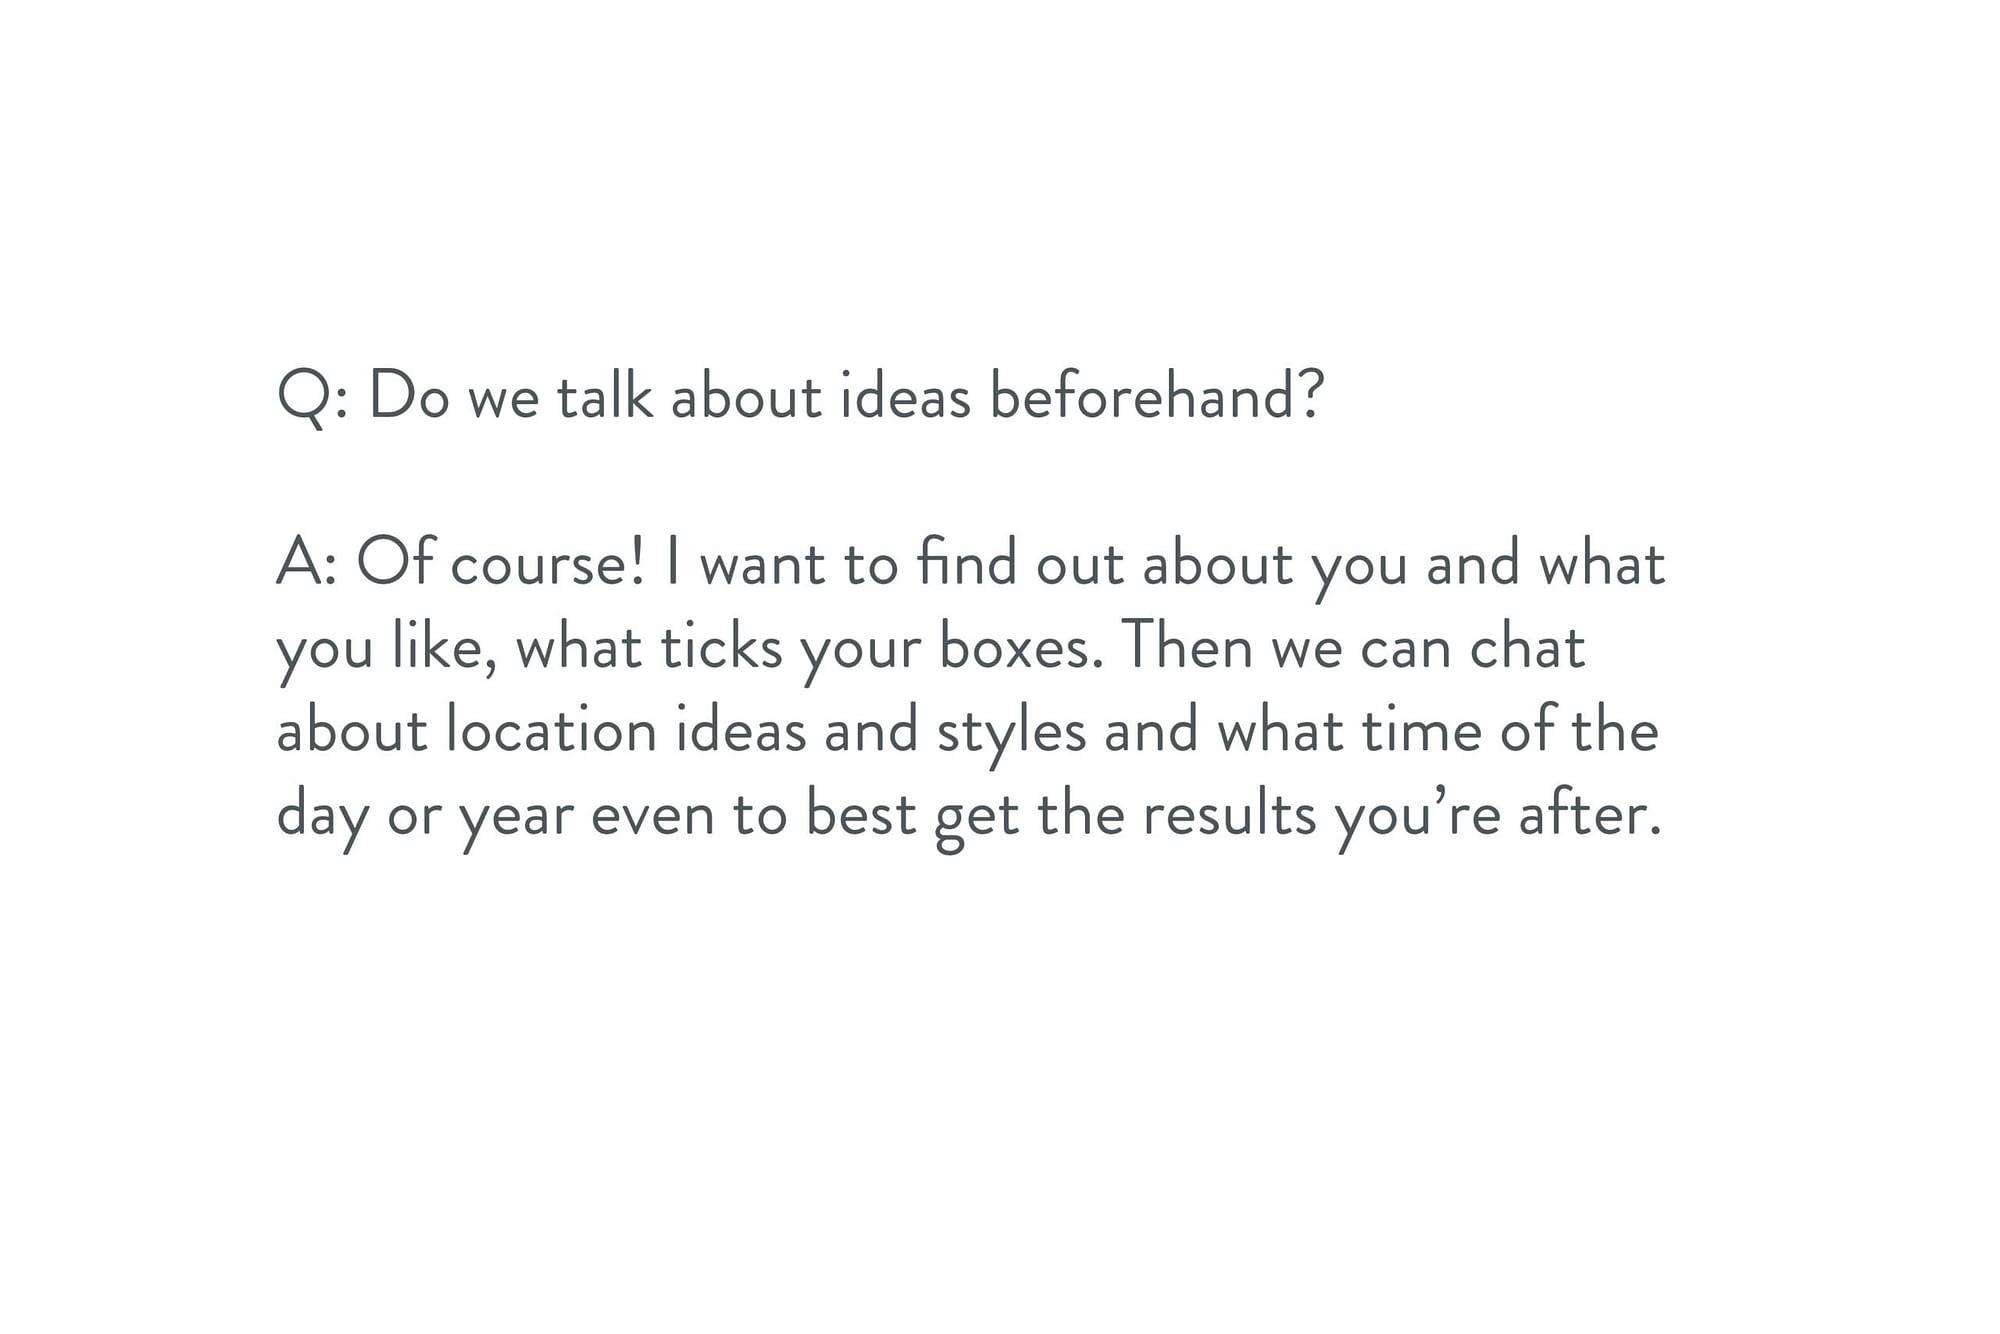 SUCH-FAQ text